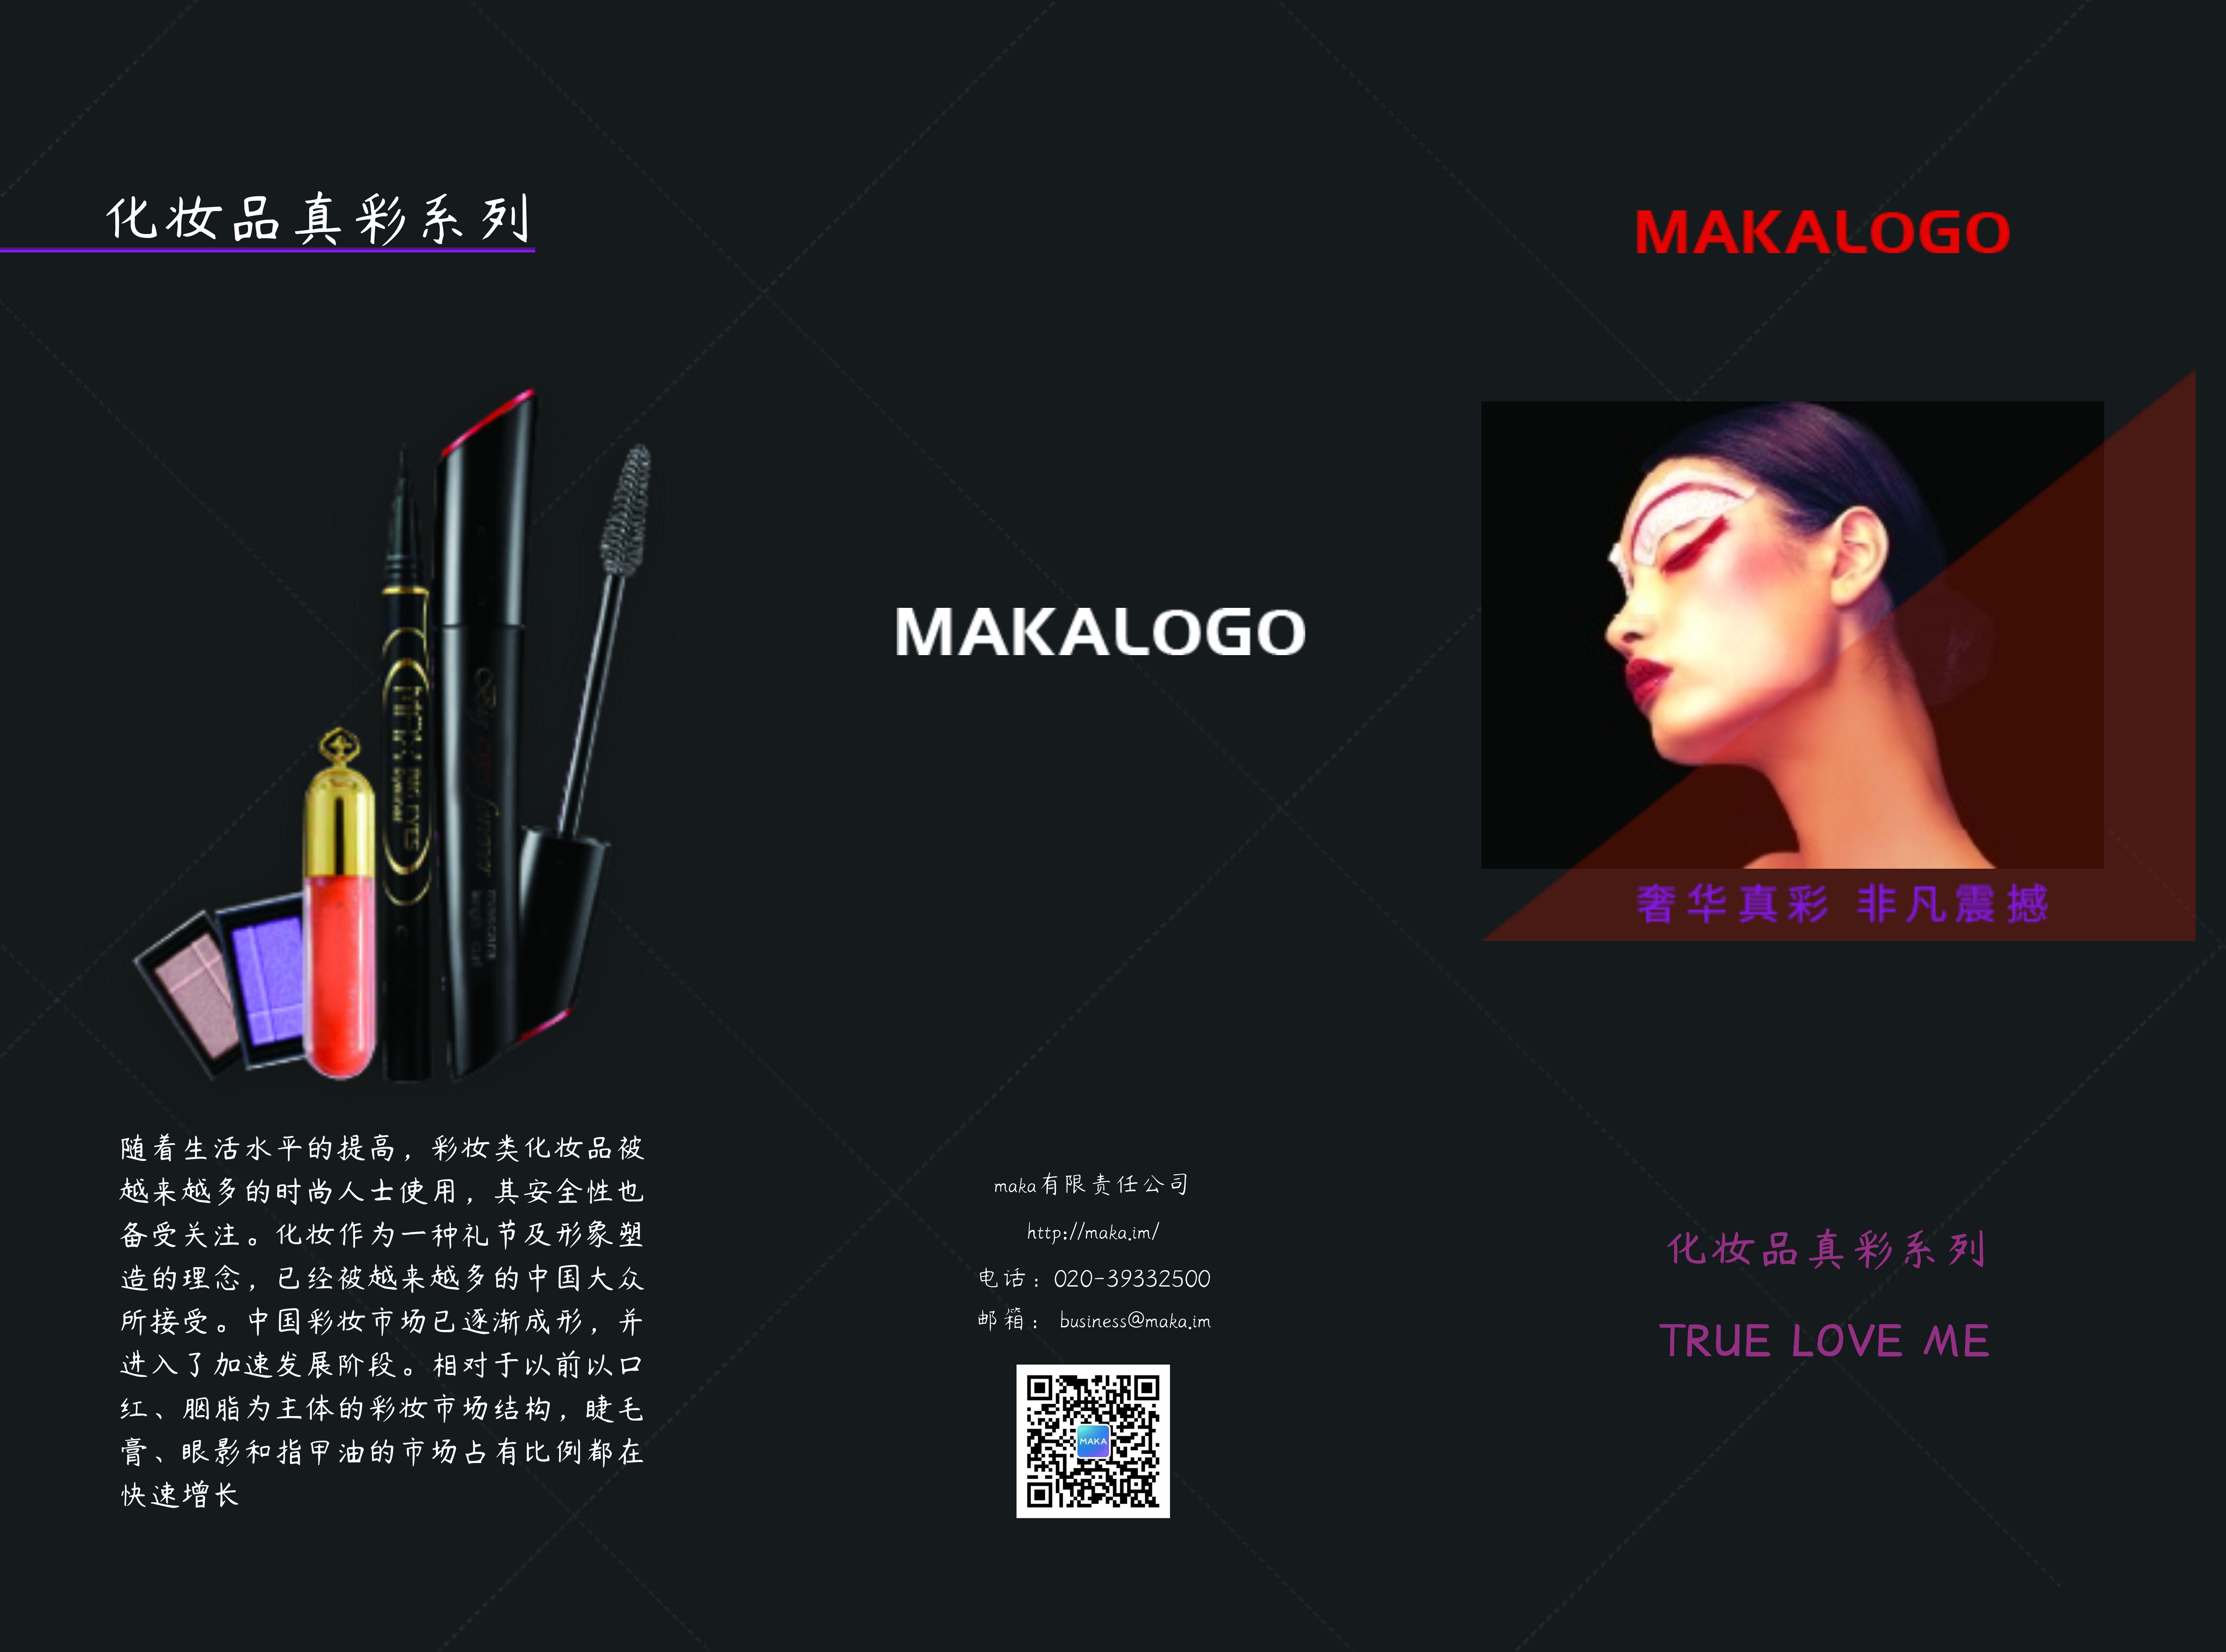 黑色简约高端美妆彩妆化妆品电商店铺等打印三折页